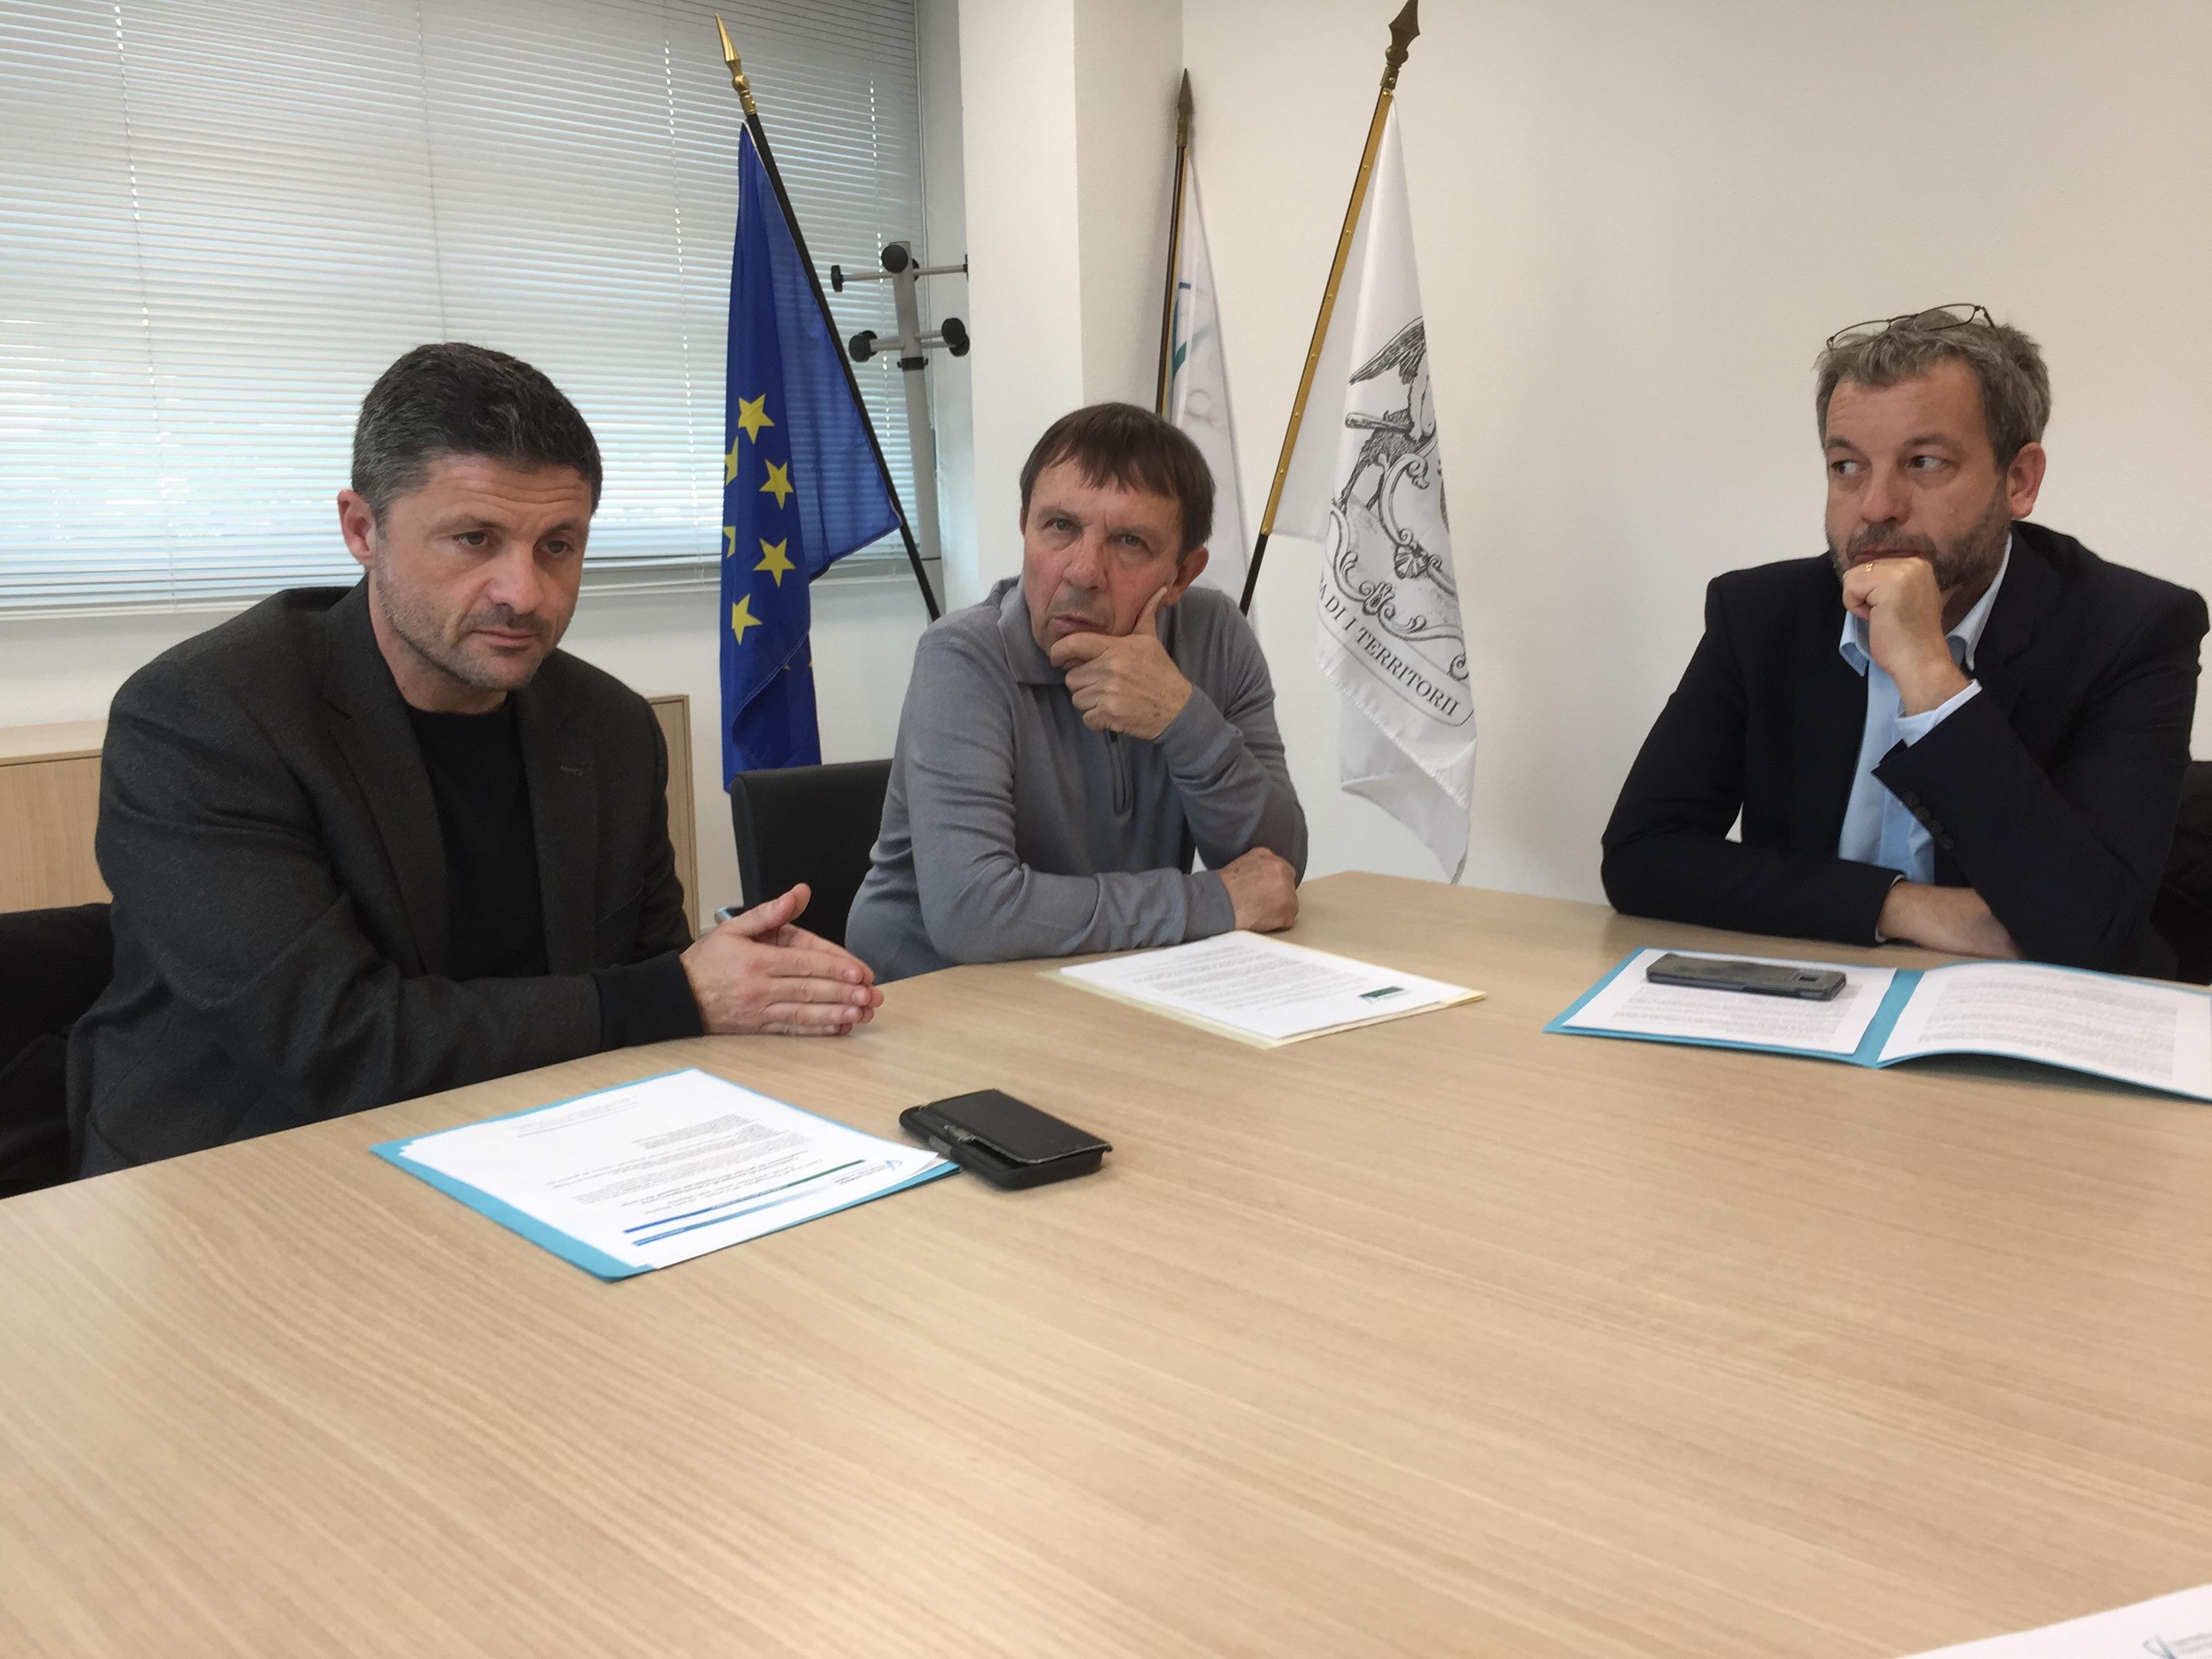 Jean-Félix Acquaviva et François Sargentini ont présenté lundi matin la 4ème édition des Assises de la montagne corse